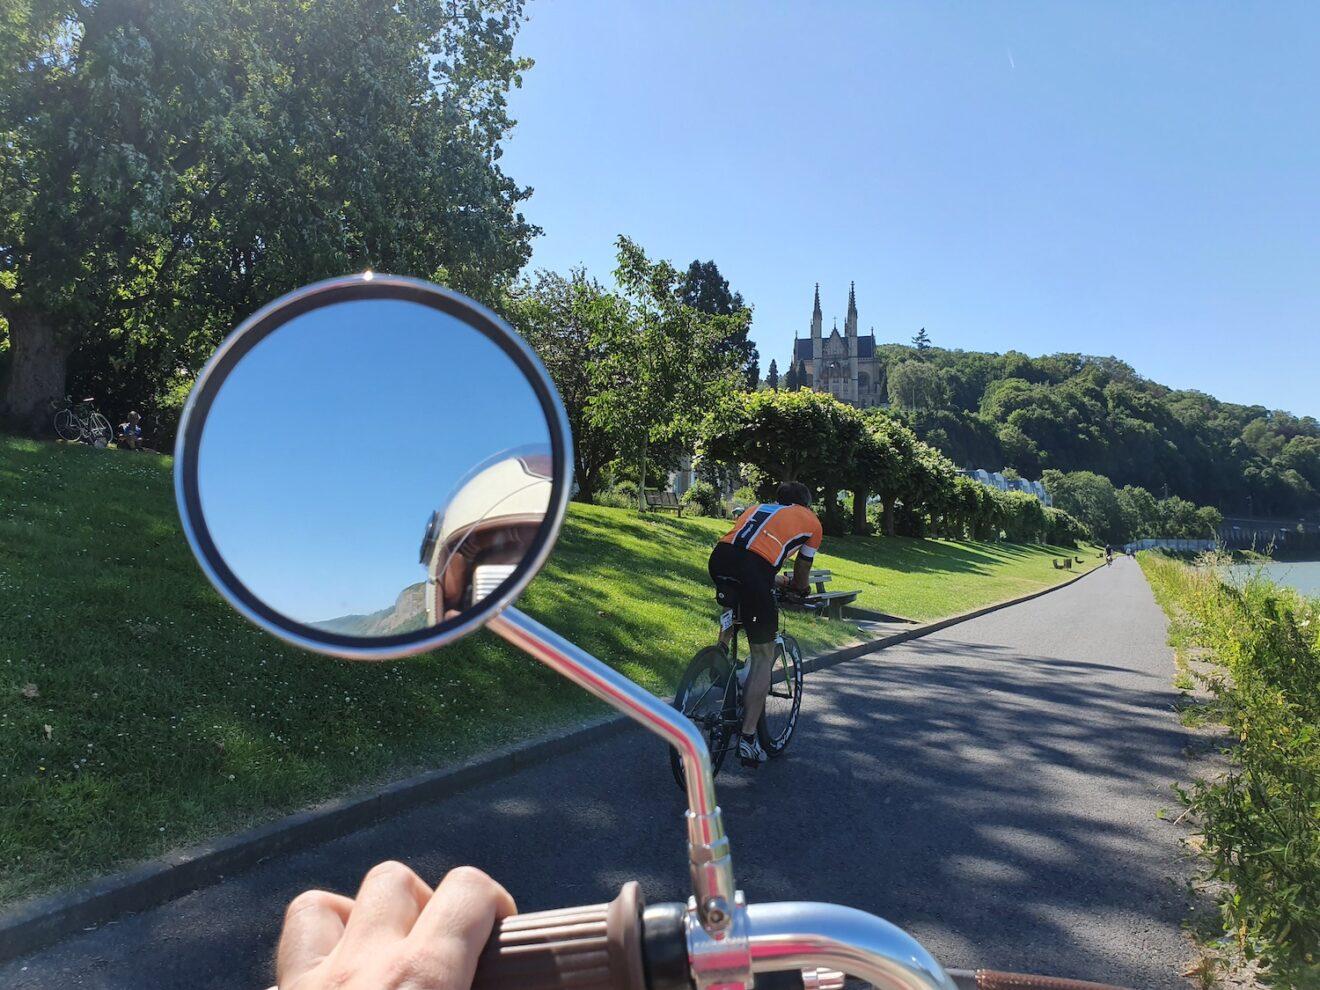 E-Scooter-Fahrt Remagen-Bonn